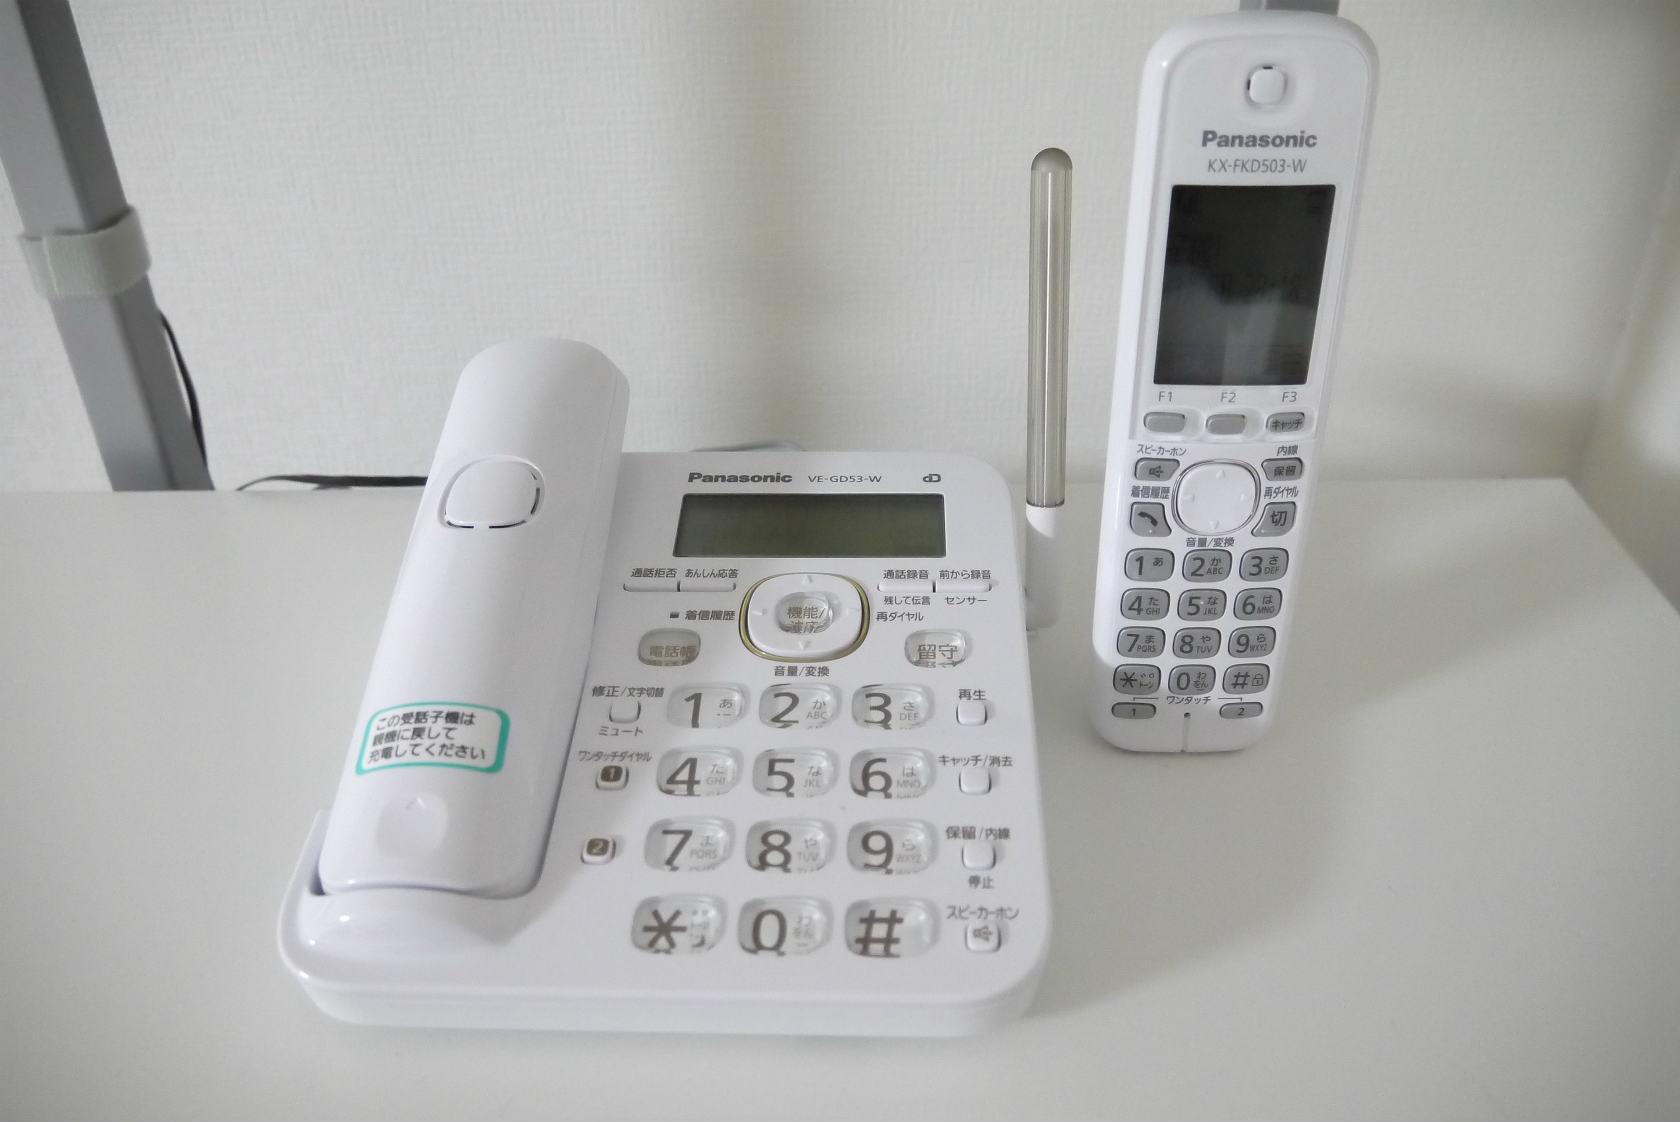 固定 電話 パナソニック ナンバーディスプレイ契約なしでも発信者がわかる!◆ 発信者の電話番号を調べる方法